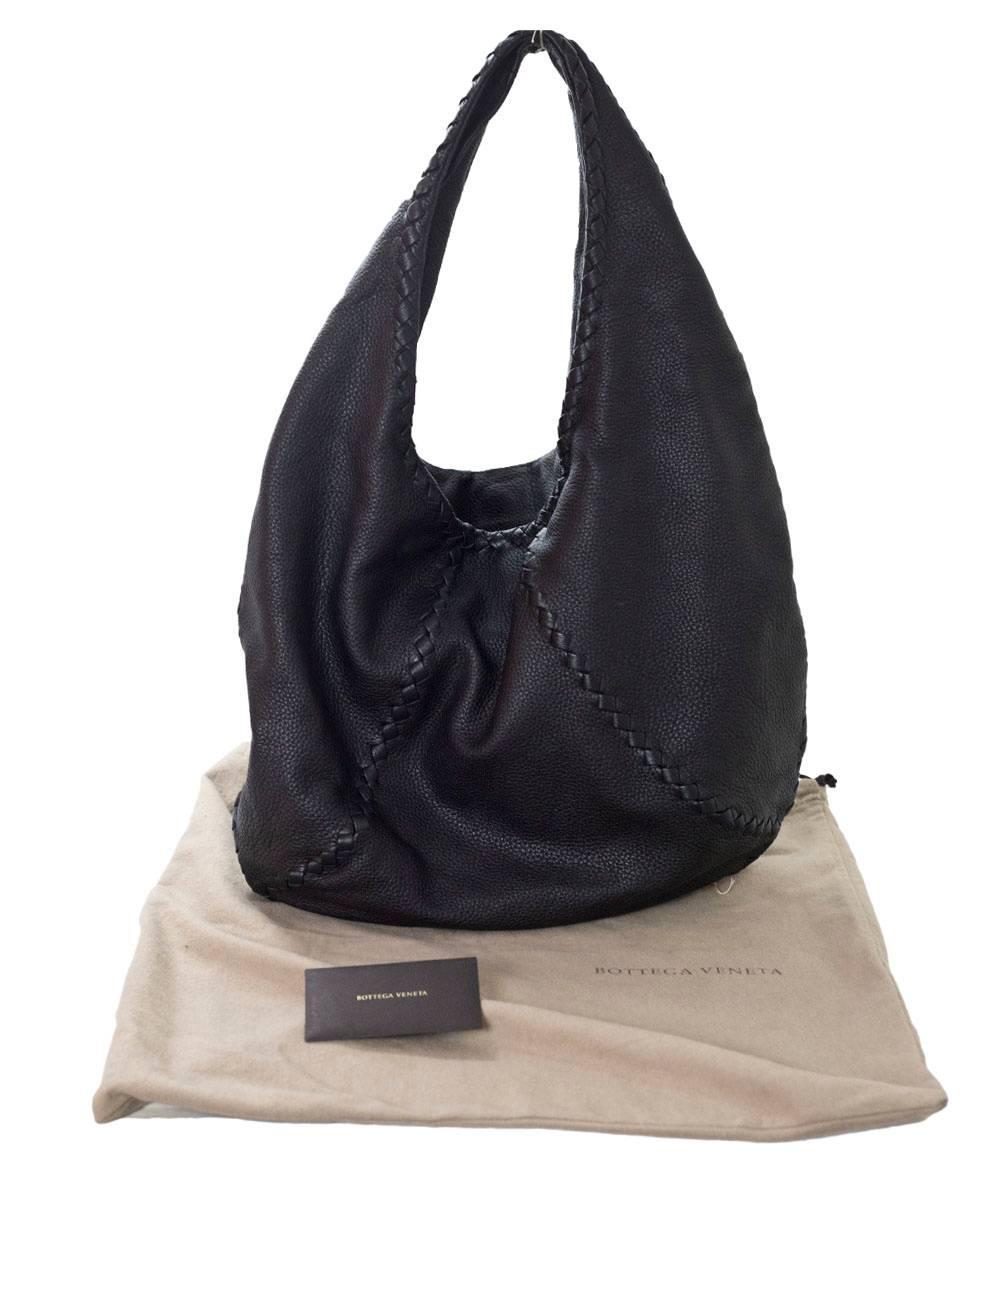 7c6c5becece40 Bottega Veneta Black Deerskin Leather Large Cervo Hobo Bag rt. $1,780 For  Sale at 1stdibs